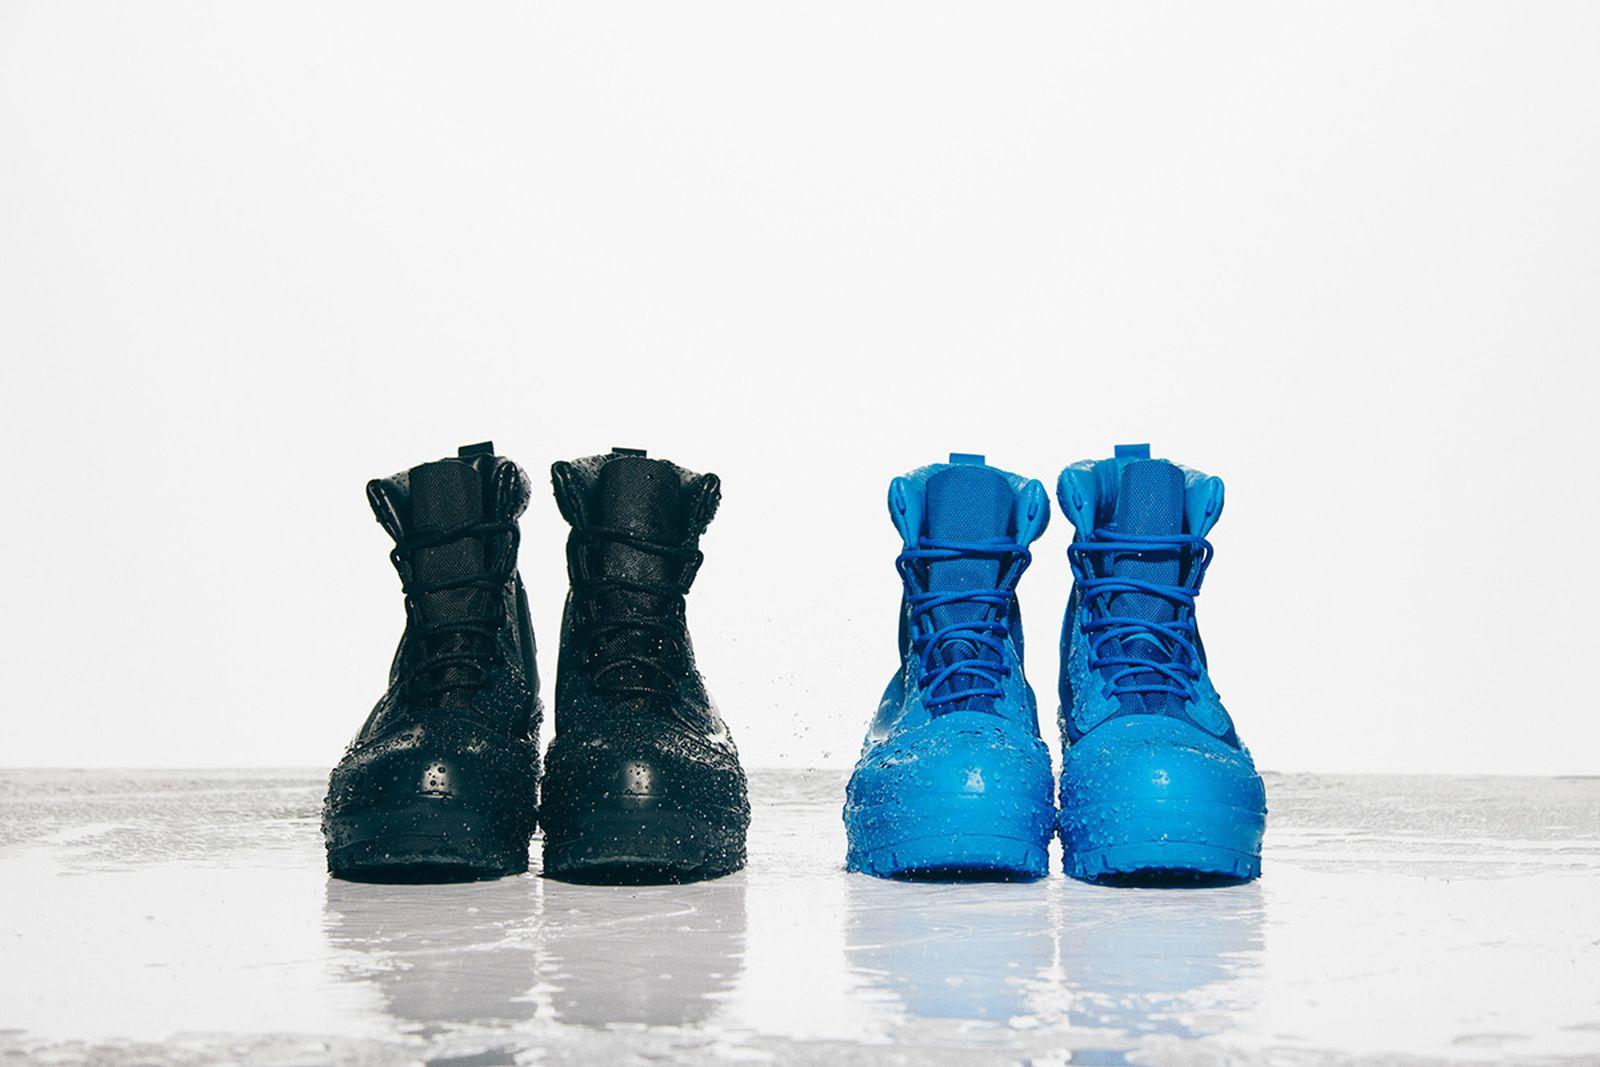 ambush-converse-ctas-duck-boot-release-date-price-17